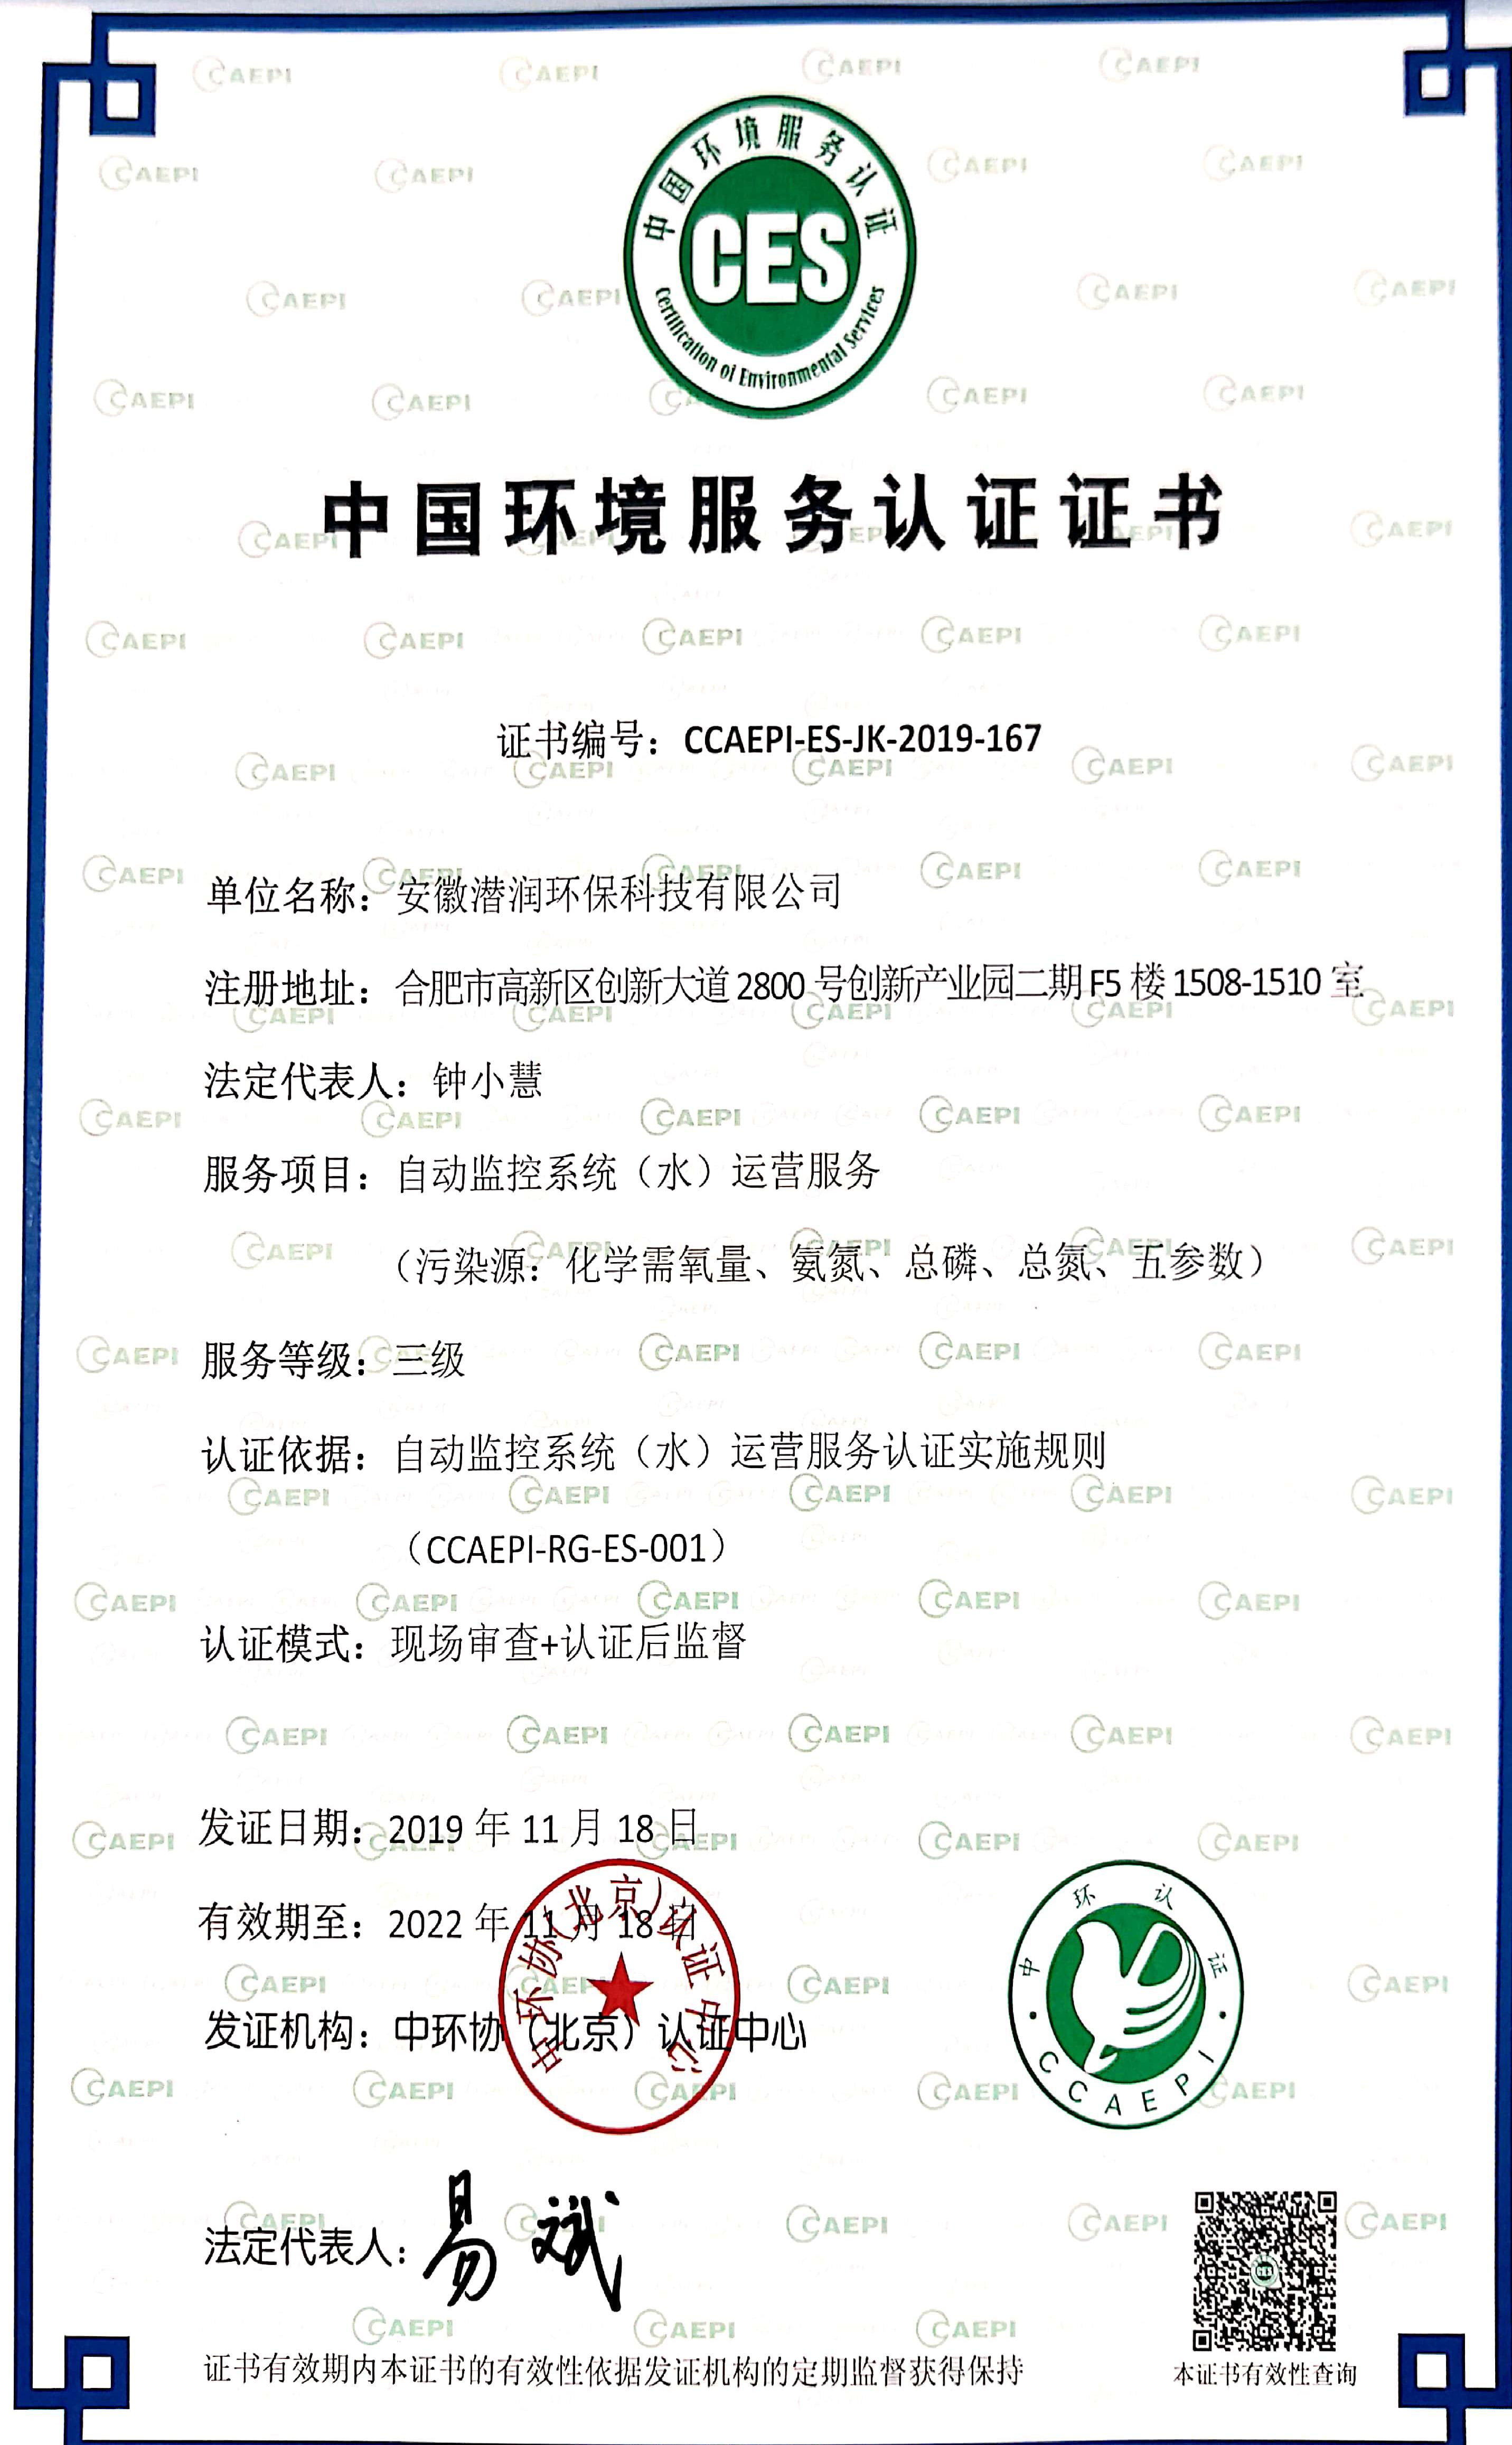 环境服务jbo竞博电竞官网样本